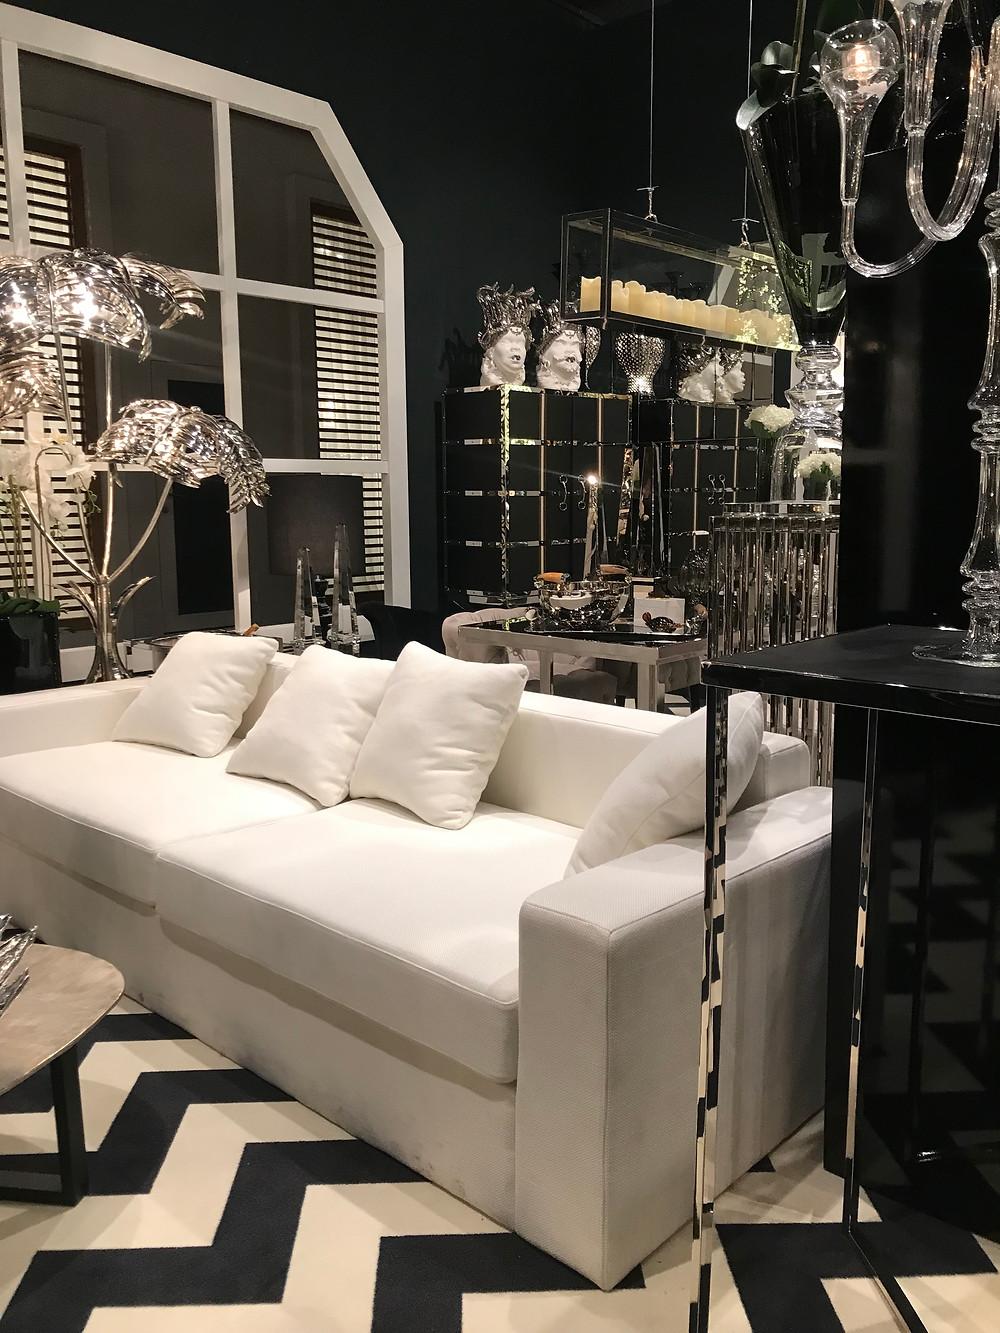 Ambiance luxe et élégance à Paris pour cette présentation de mobilier haut de gamme